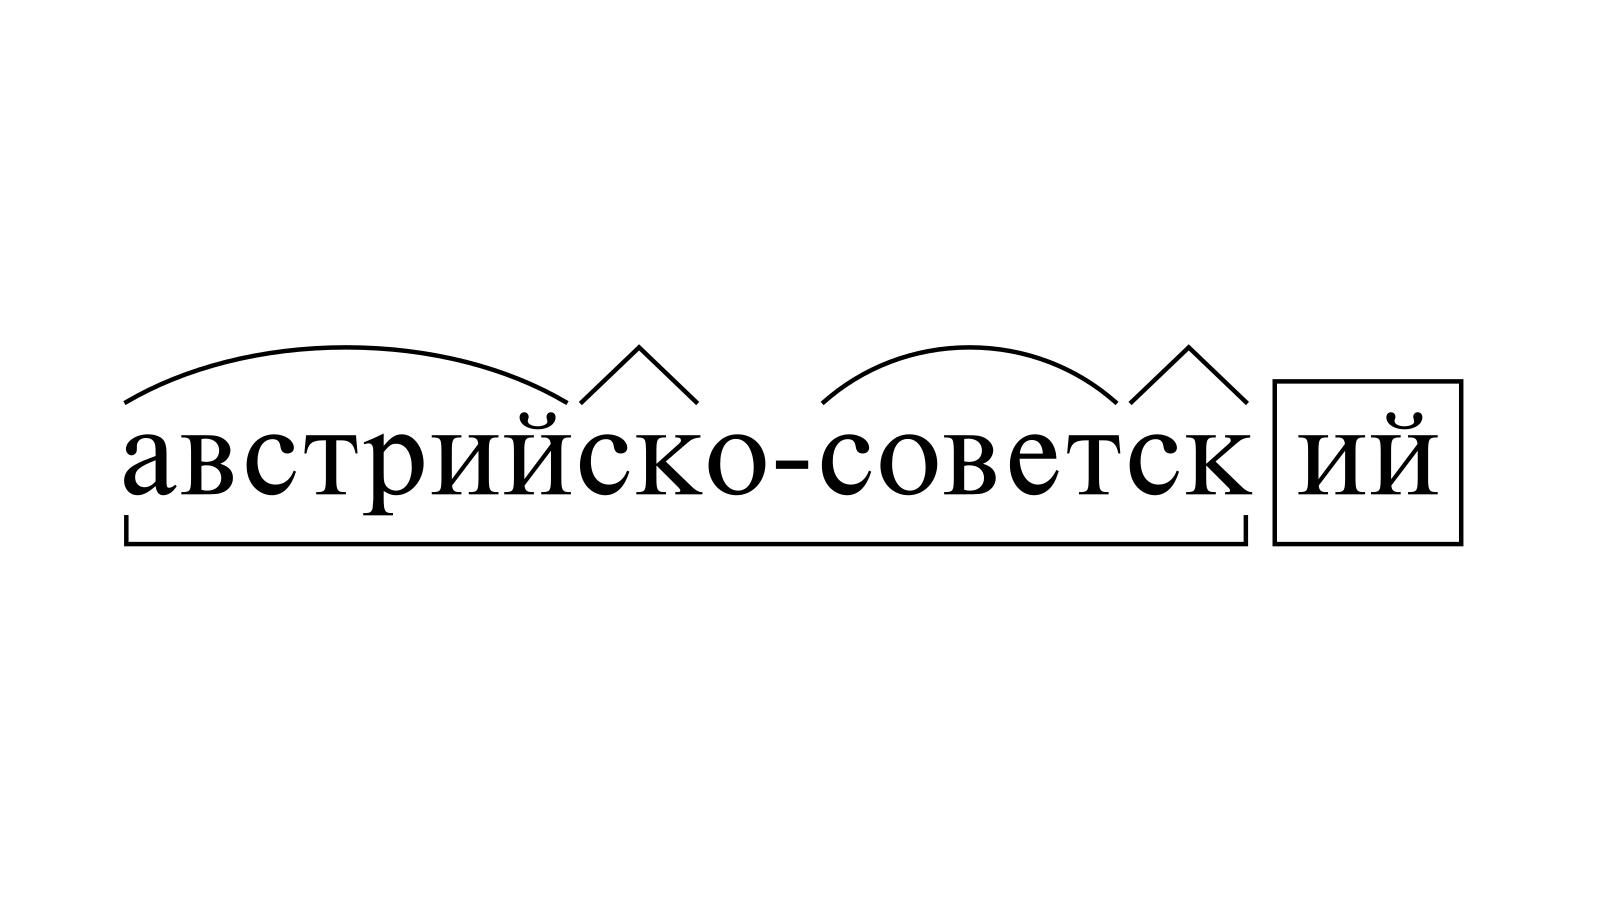 Разбор слова «австрийско-советский» по составу